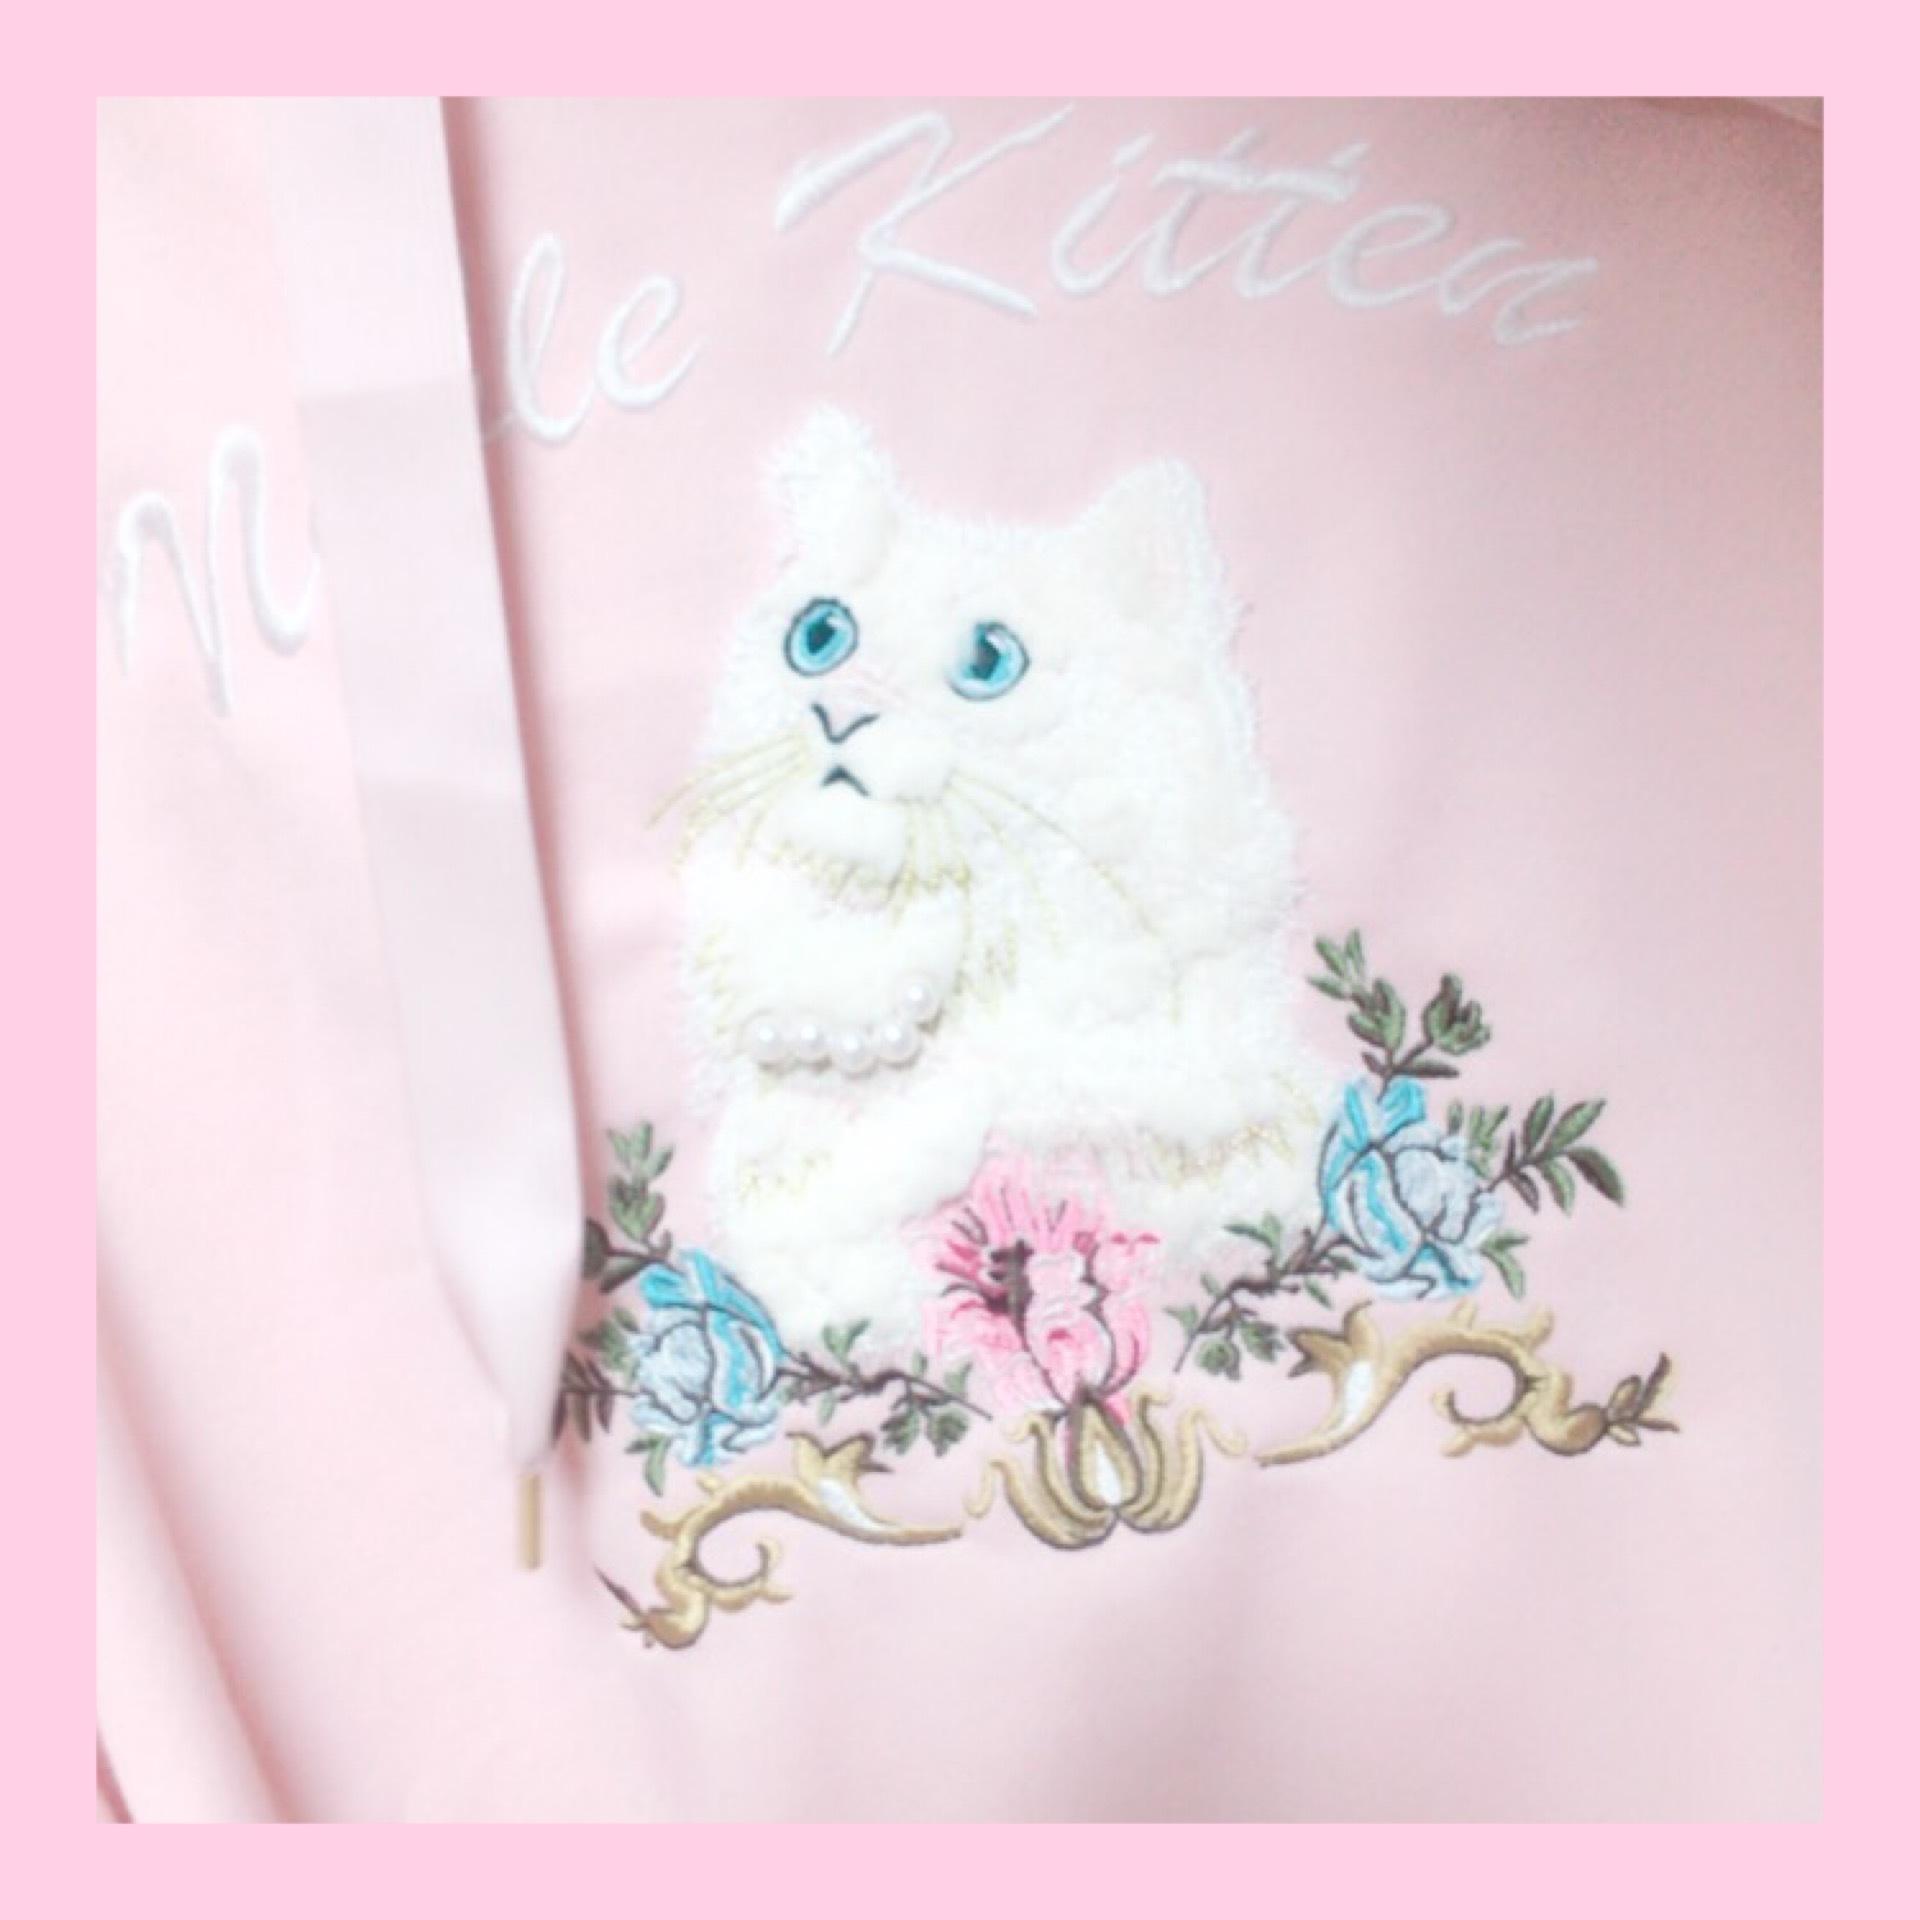 冬の購入品 ❄︎ 『 one spo cat パーカー 』_1_2